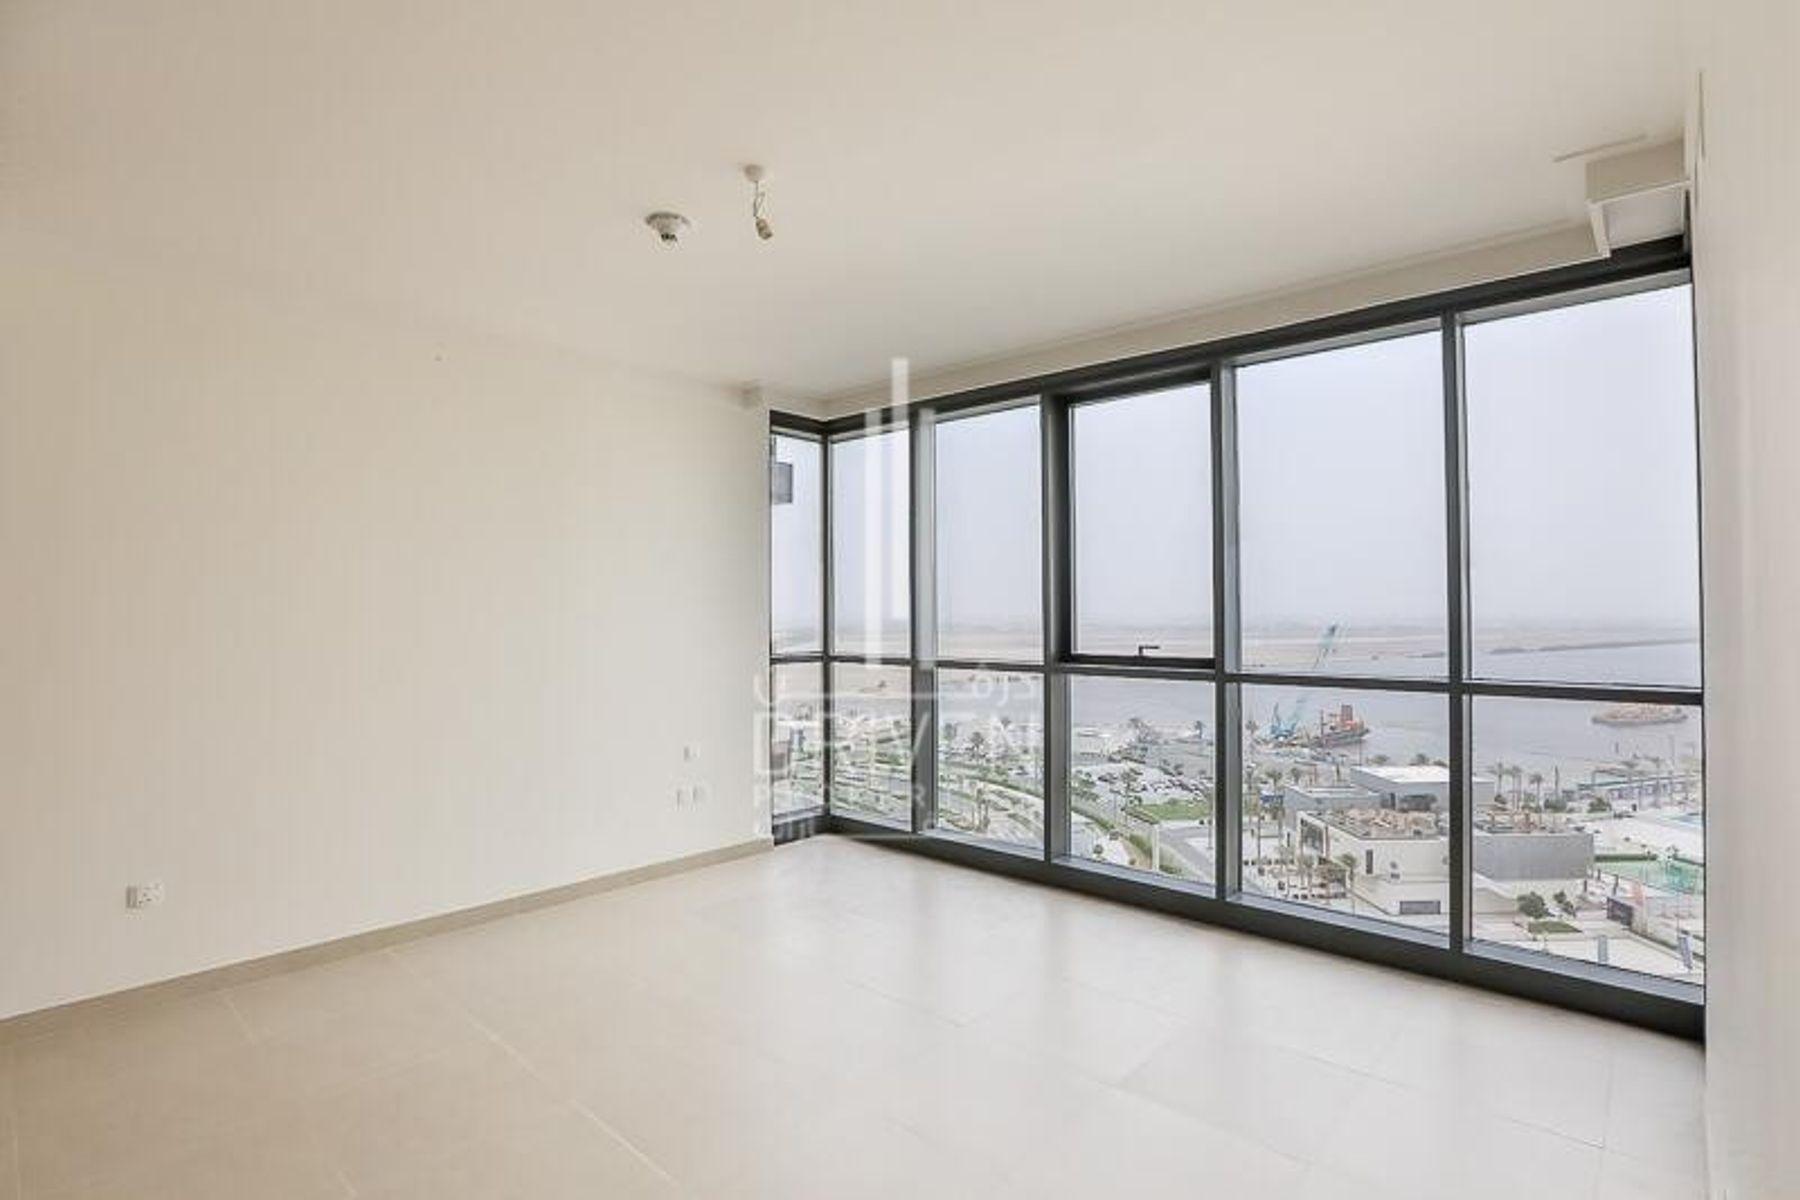 للبيع - شقة - دبي كريك ريزيدنس برج 2 شمال - ميناء خور دبي